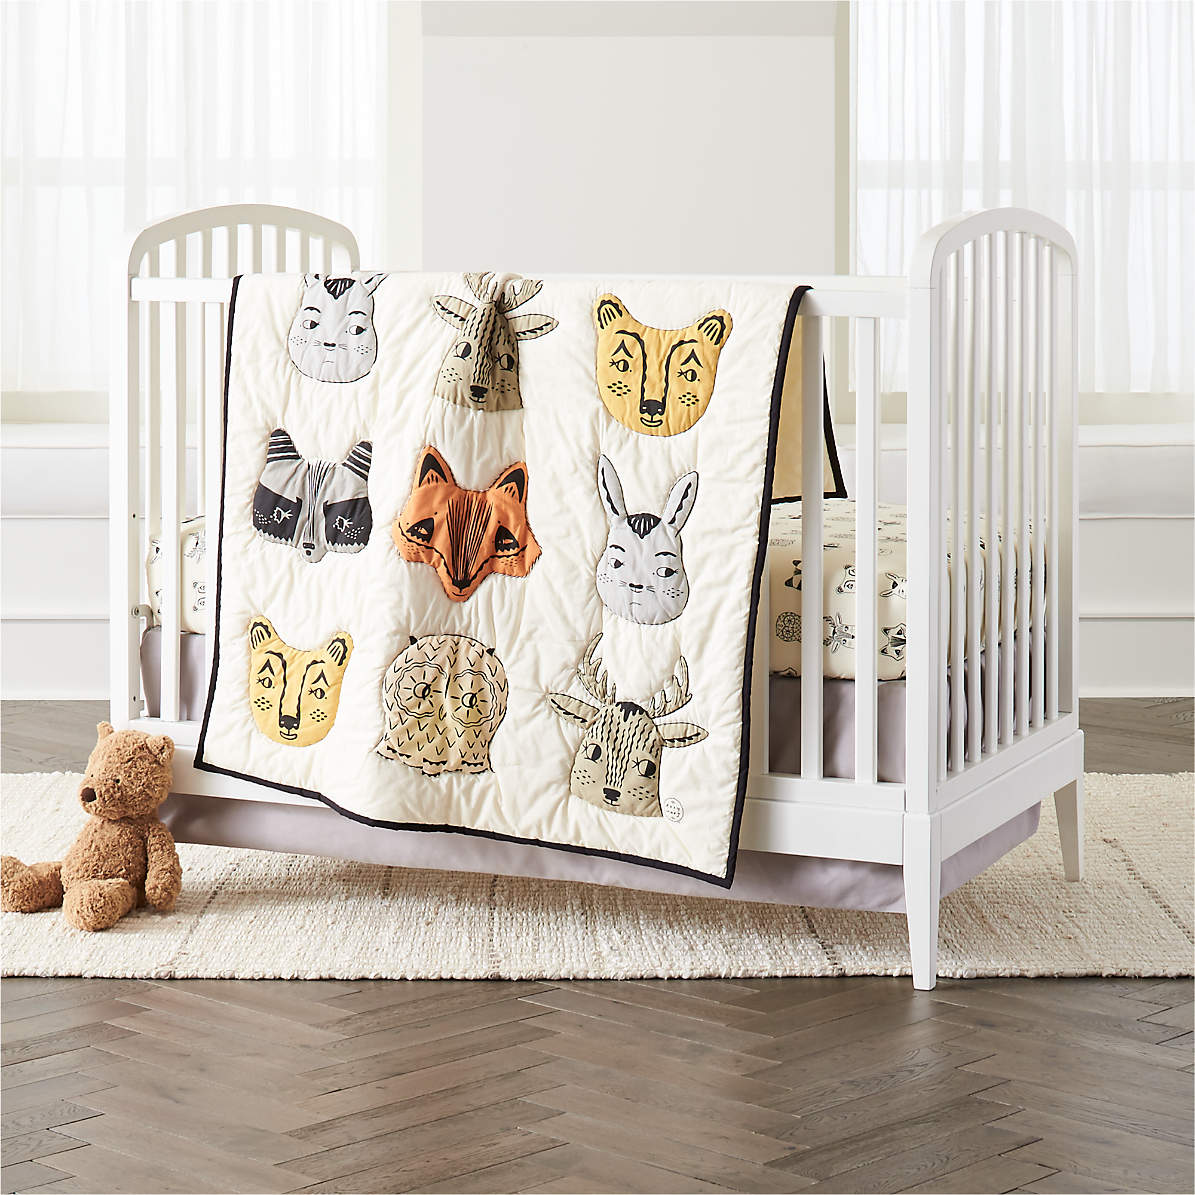 jungle quilt crib quilt Baby quilt pastel quilt baby rag quilt nursery quilt animal quilt #105